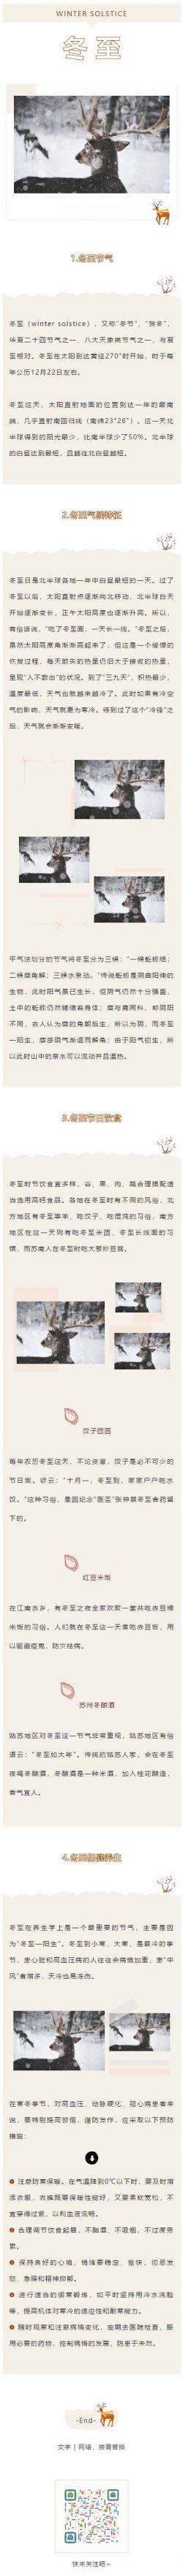 冬至二十四节气之一微信公众号推文模板推送文章微信素材